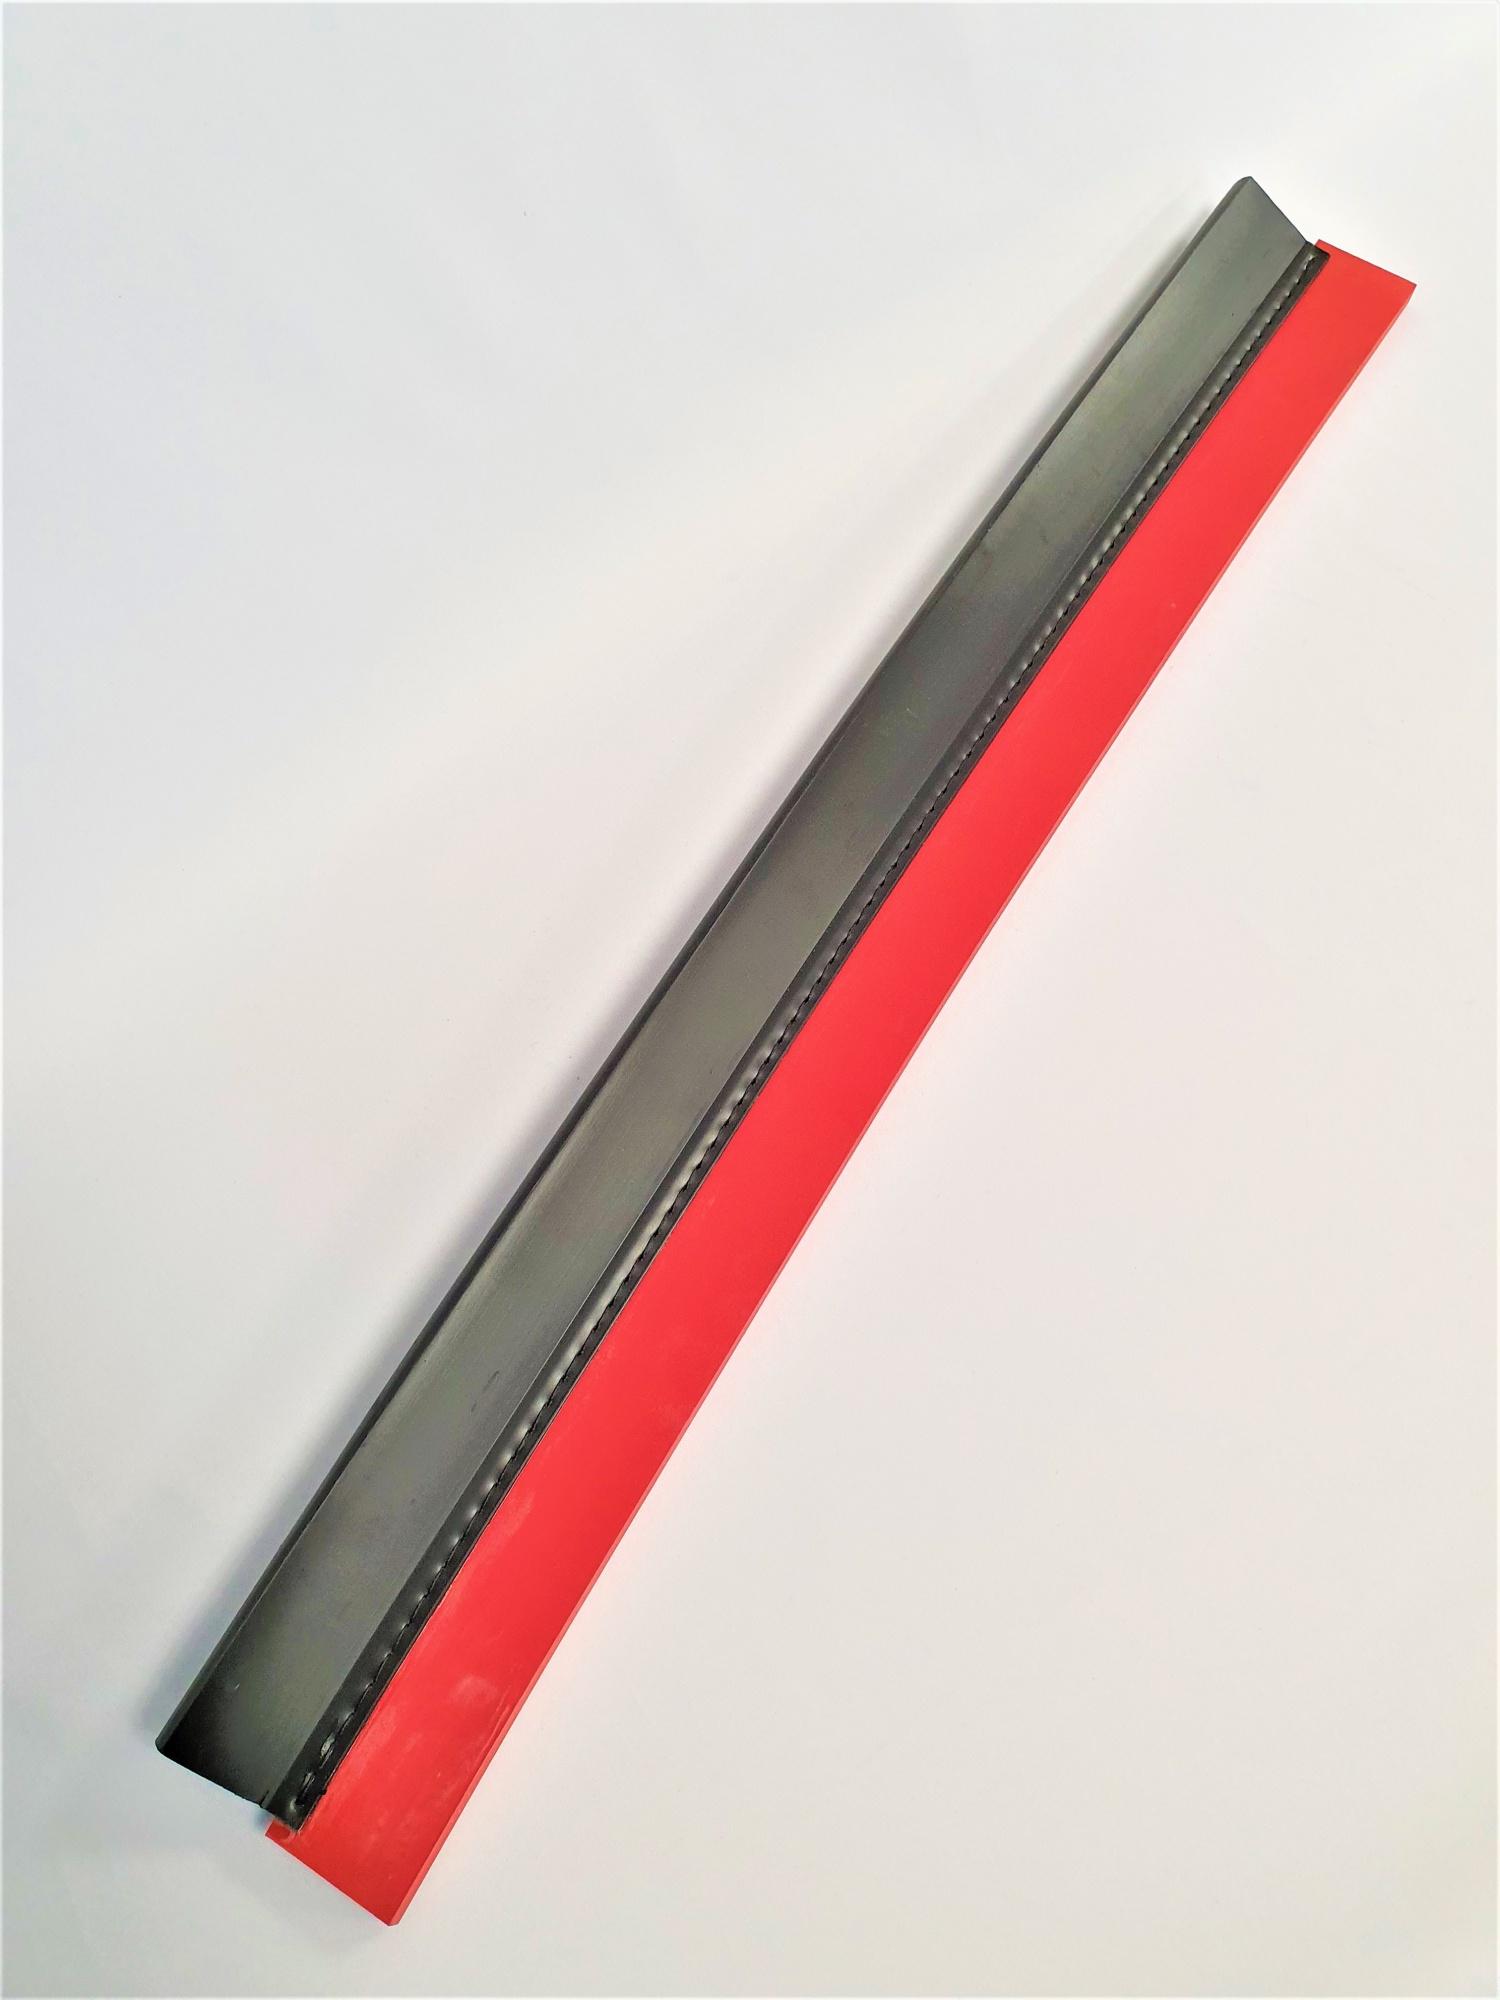 Bavette latérale droite pour Autolaveuse TENNANT T7 / 65